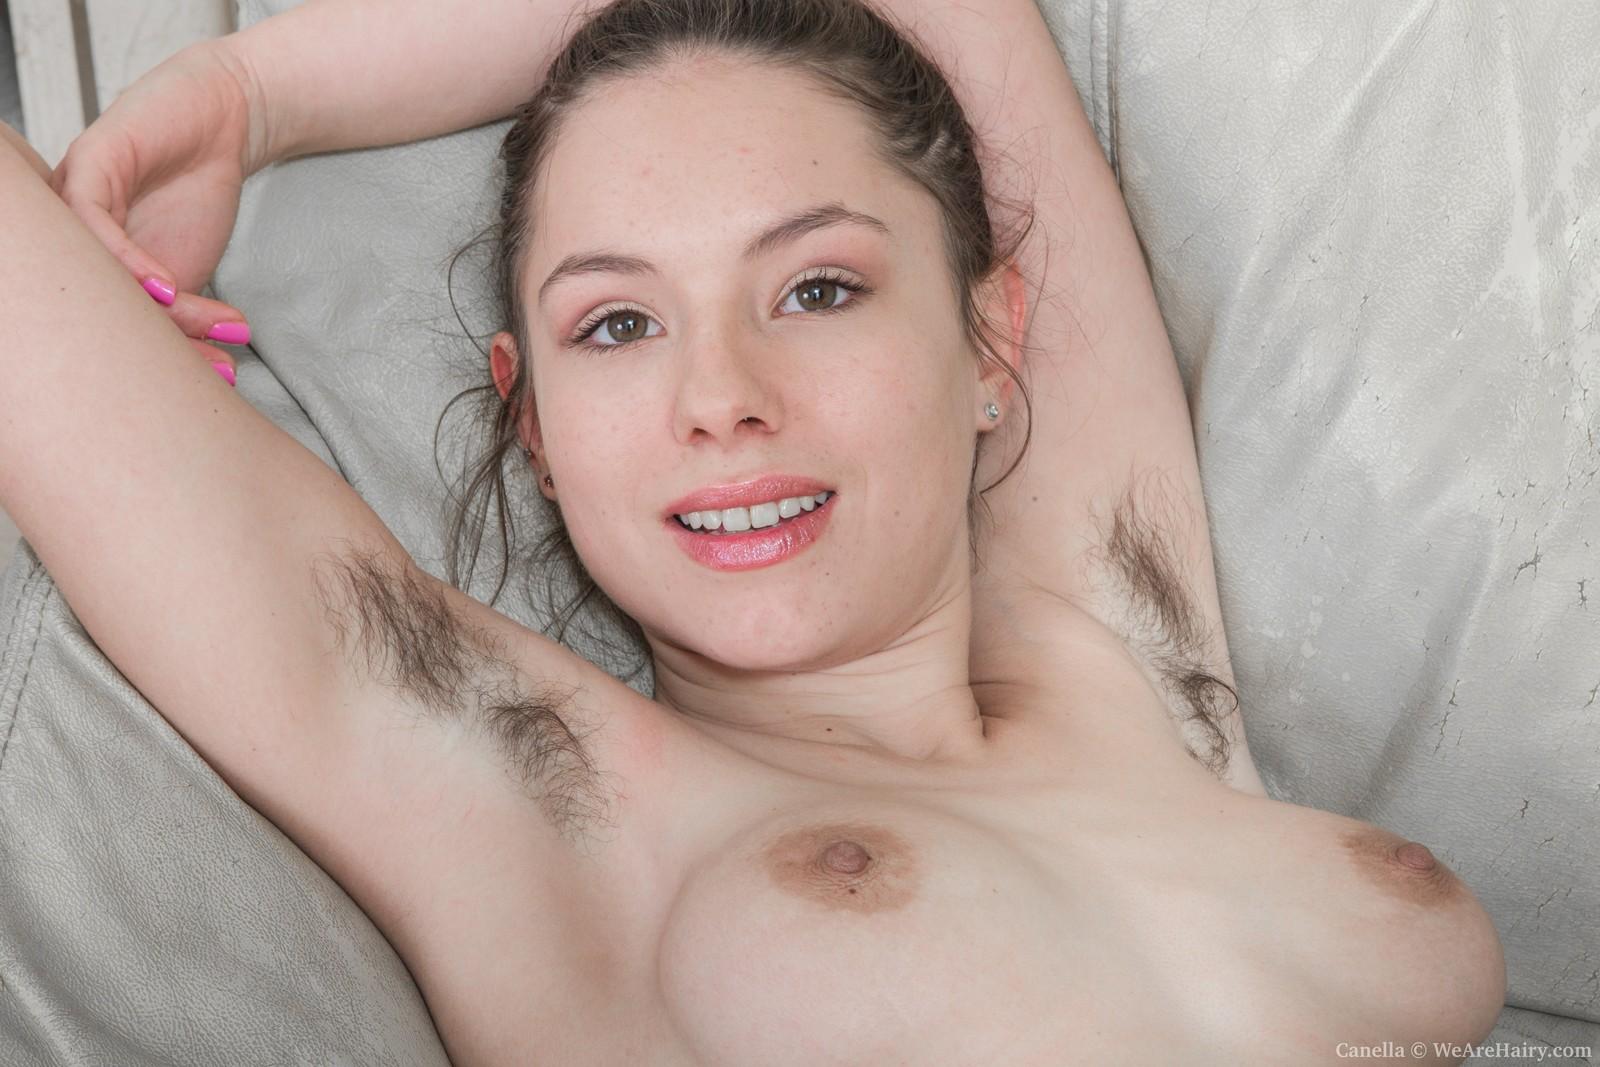 Cкачать порно видео бесплатно смотреть порно онлайн